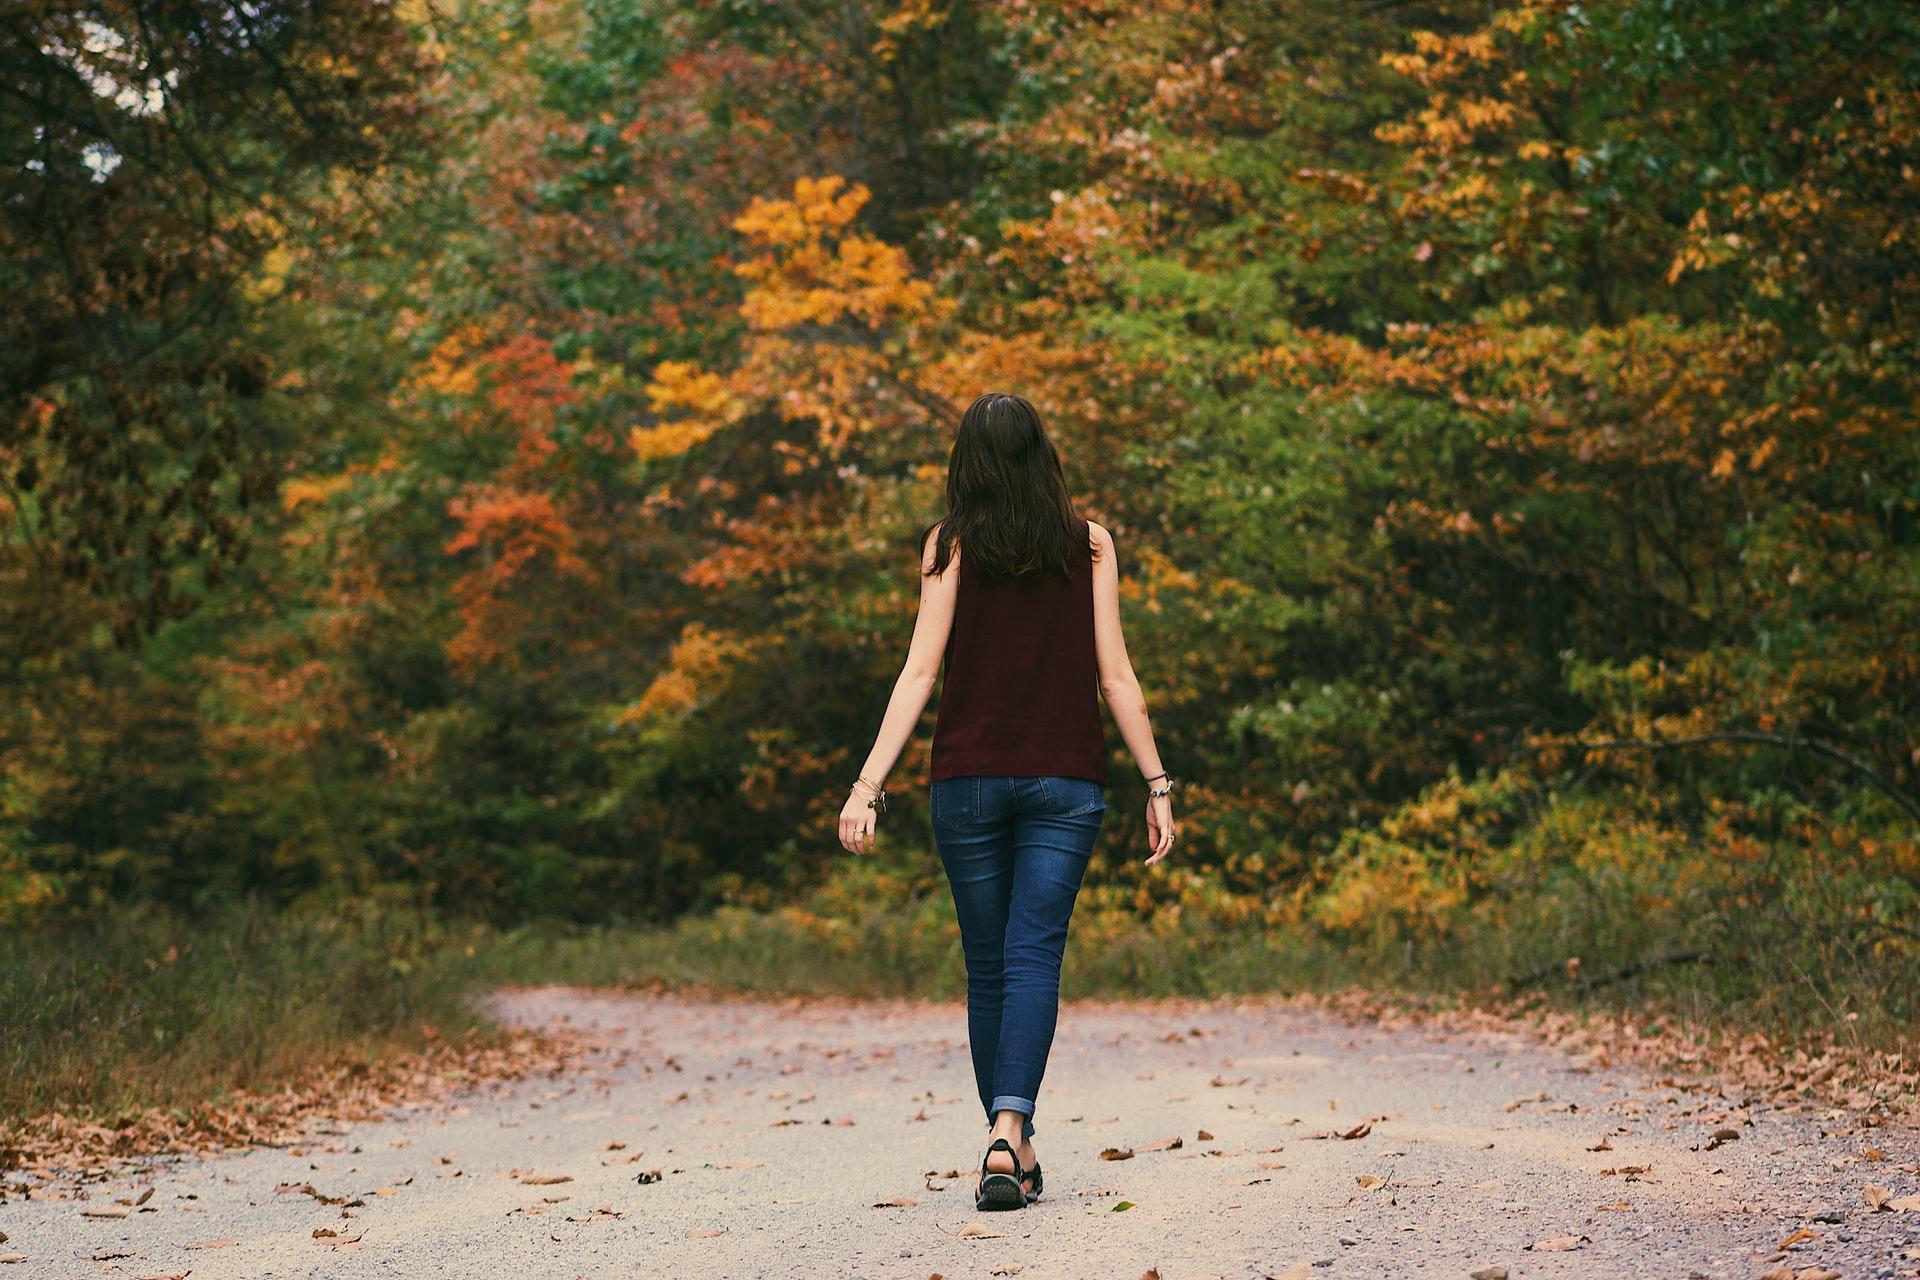 林道を歩く女性